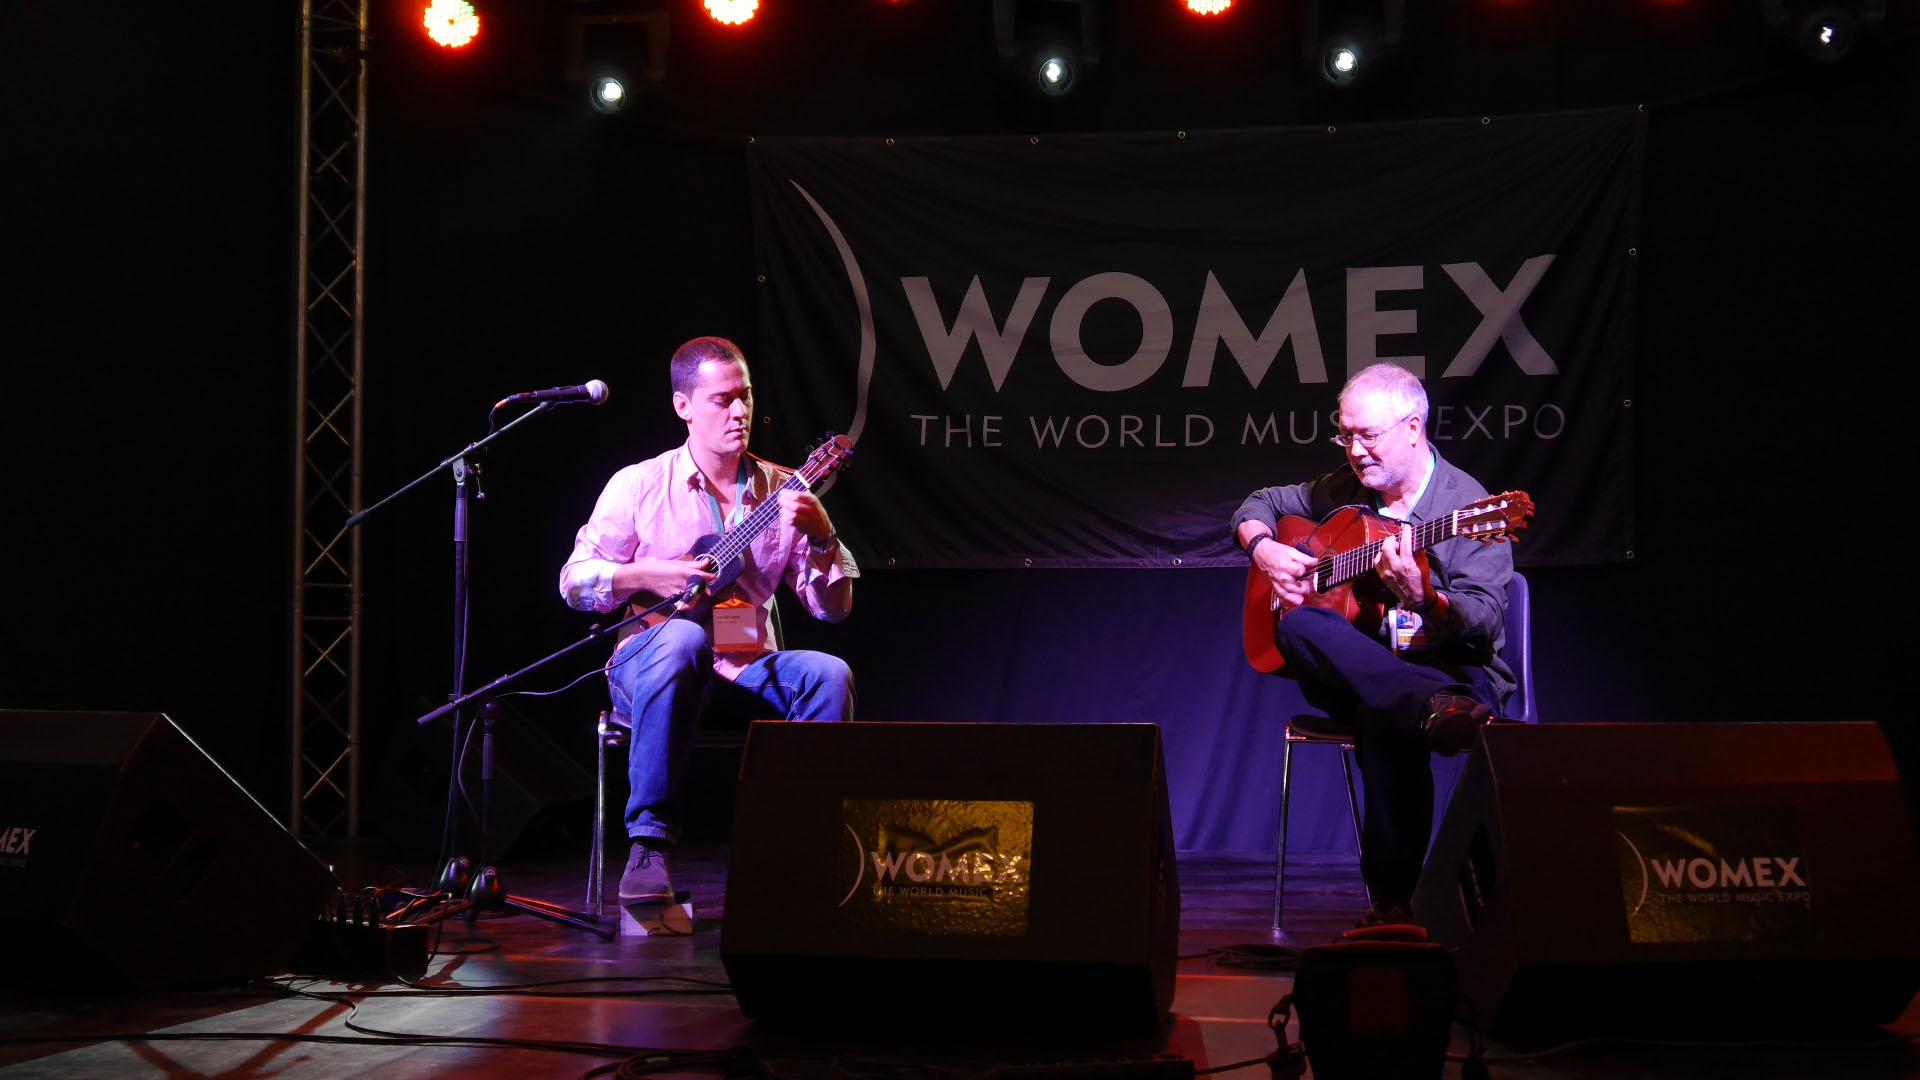 La feria profesional de músicas del mundo, WOMEX 18, abre la convocatoria internacional para músicos y artistas